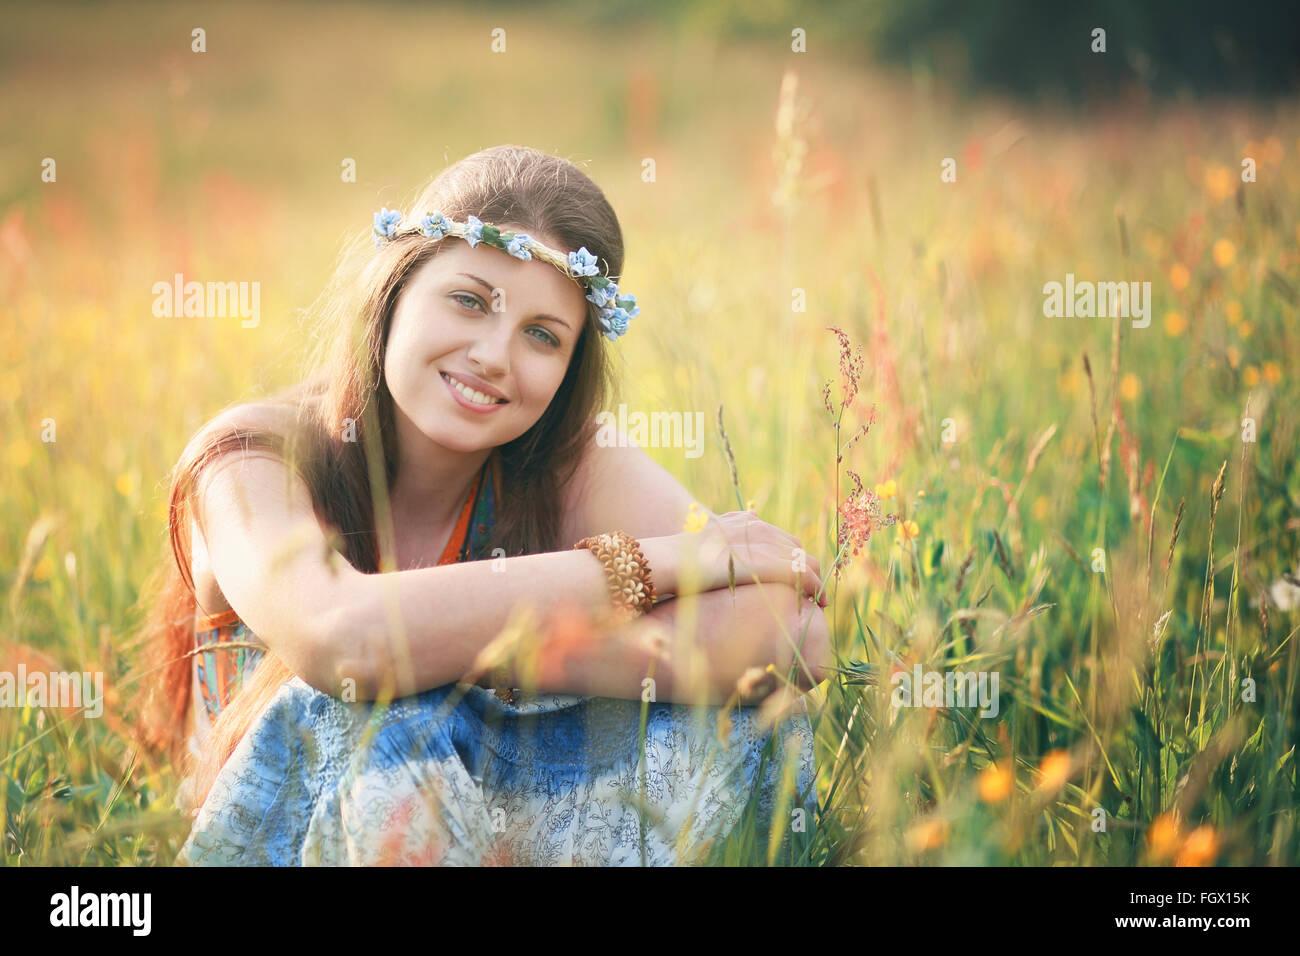 Sorridente donna romantica nel campo dei fiori . Hippie e gypsy dress Immagini Stock